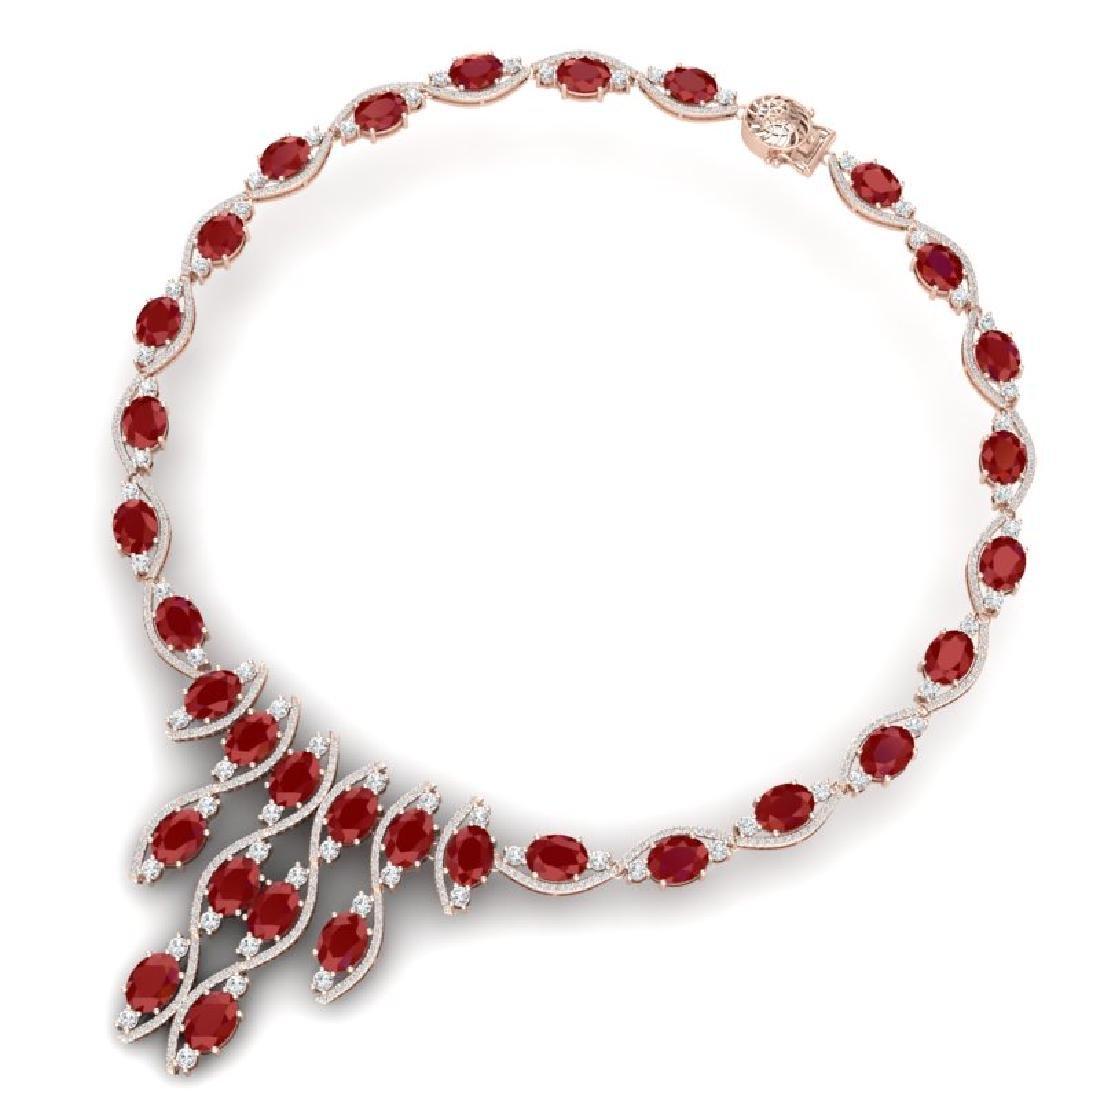 65.93 CTW Royalty Ruby & VS Diamond Necklace 18K Rose - 3